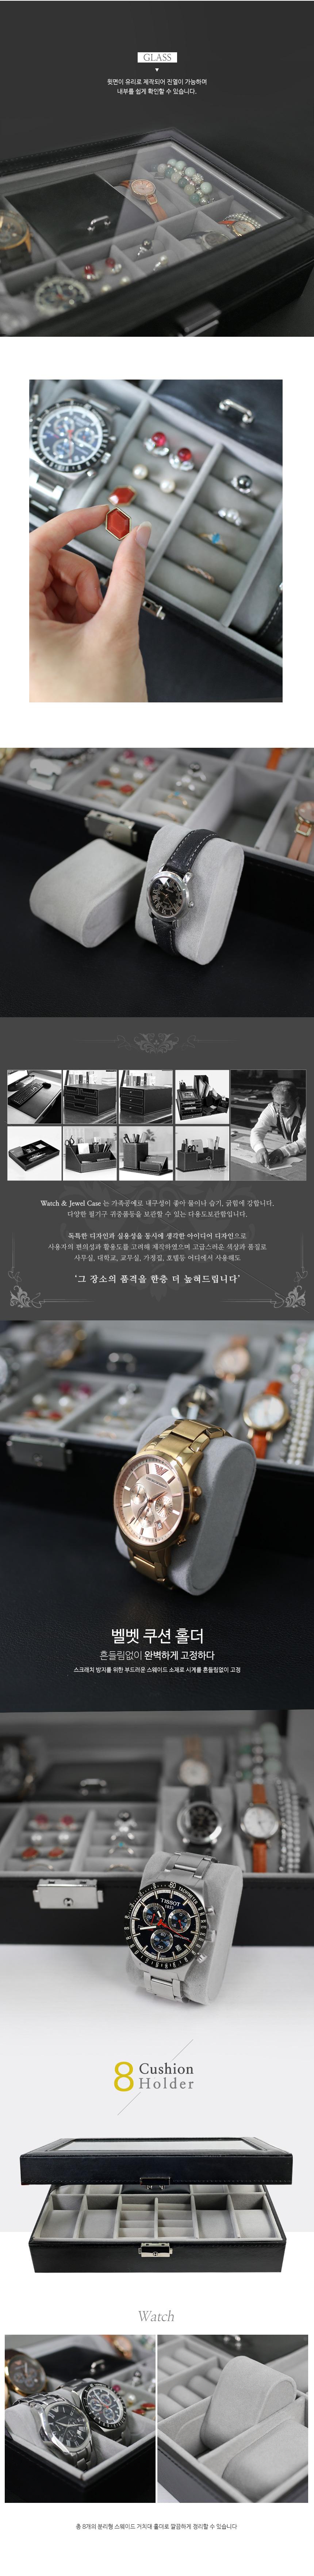 명품 손목시계 8포켓 수납보관 주얼리 보석함 케이스 - 히키스, 16,800원, 보관함/진열대, 주얼리보관함